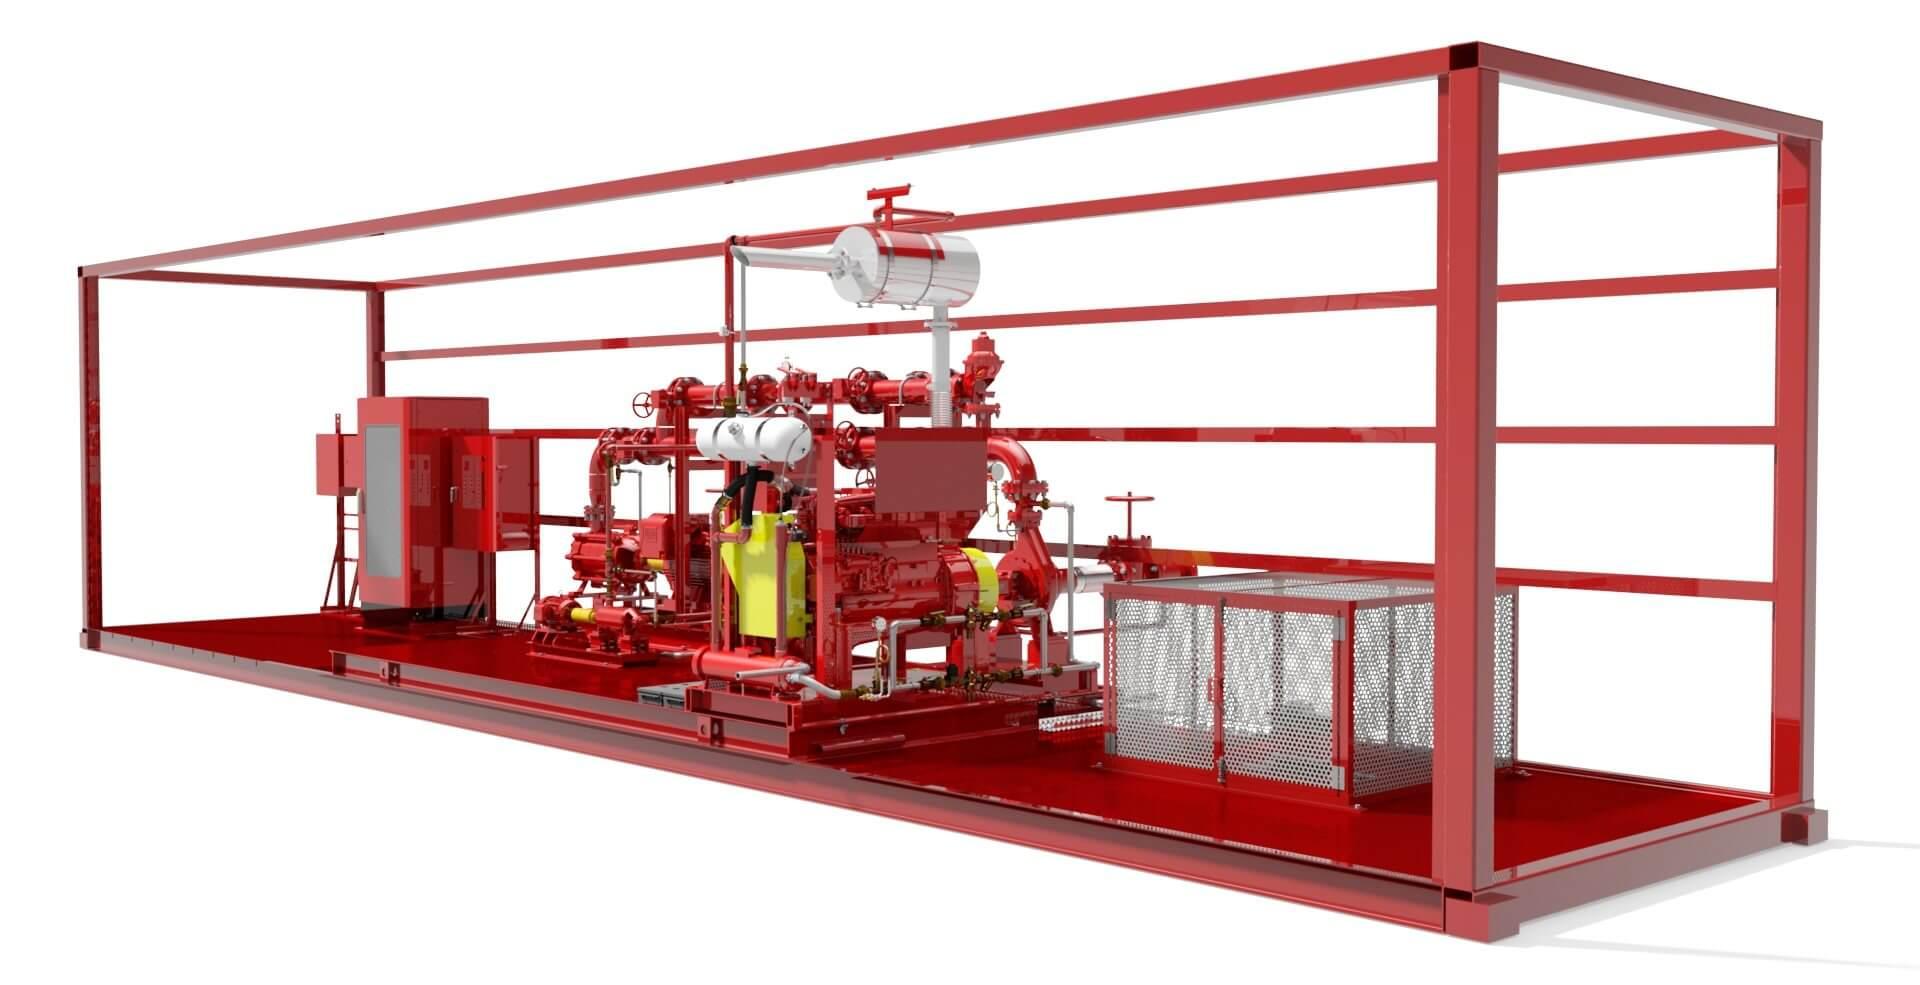 Manutenção de sistemas de incêndio